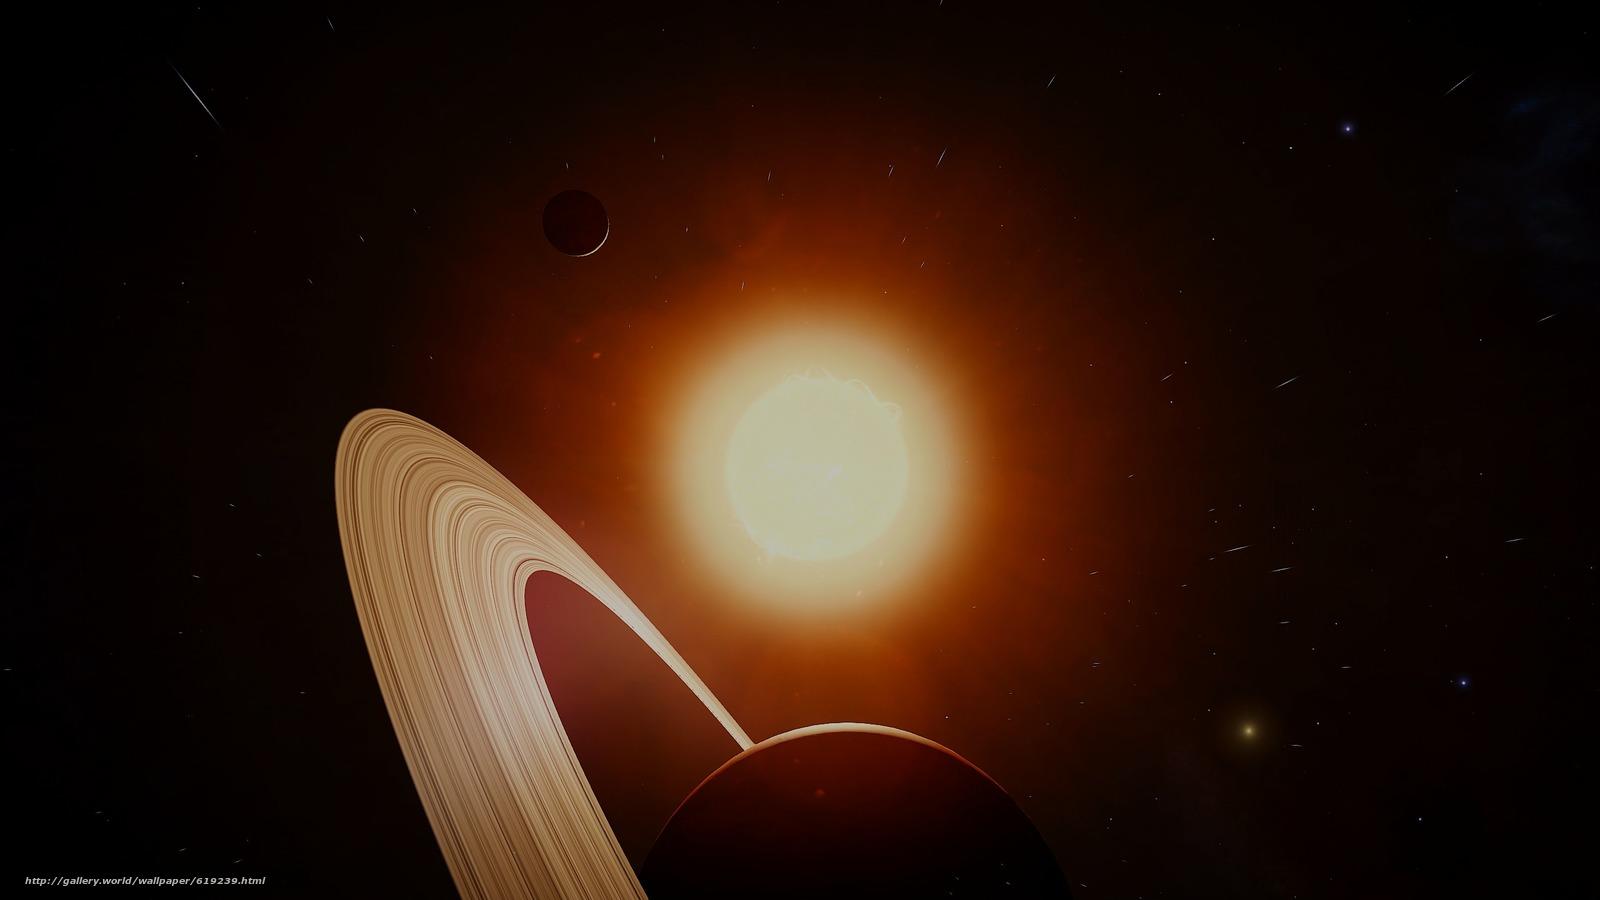 Descargar gratis Saturno,  sol,  Estrella,  espacio Fondos de escritorio en la resolucin 2560x1440 — imagen №619239